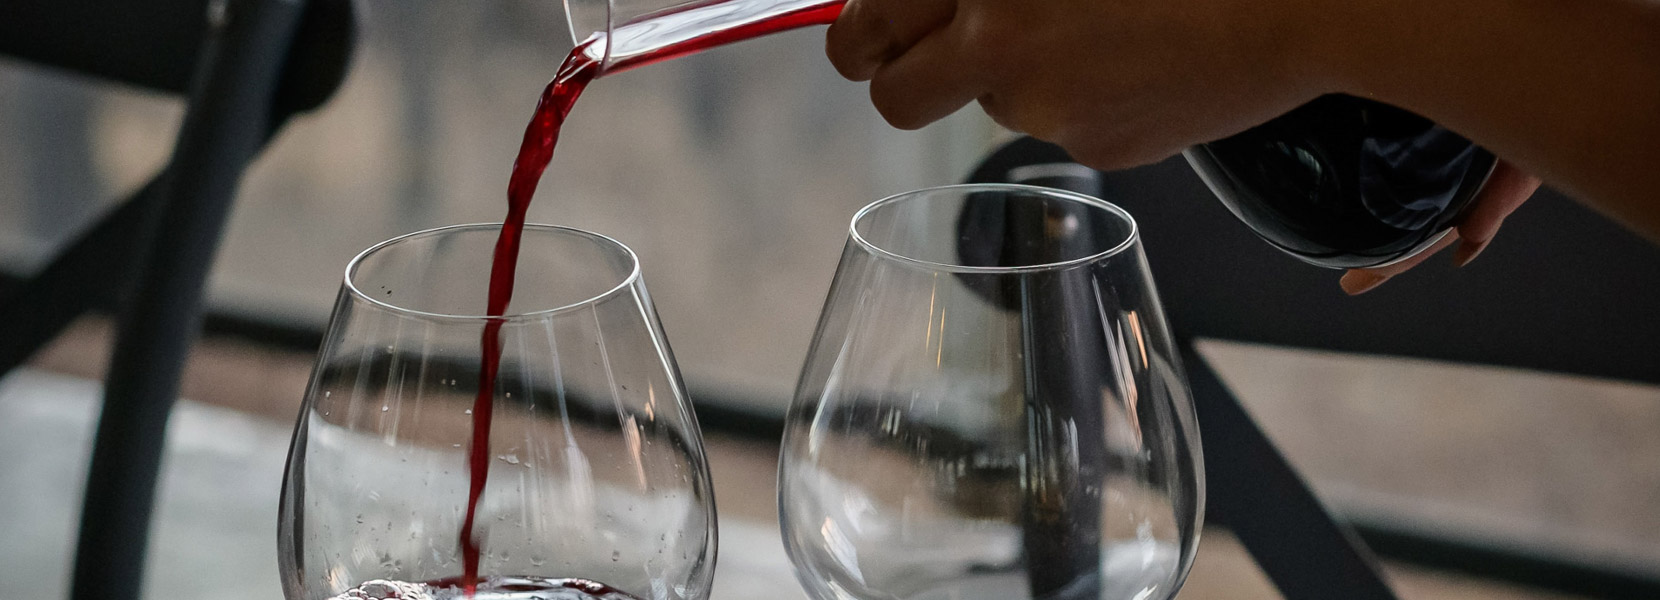 Wein und Schnaps verkostung